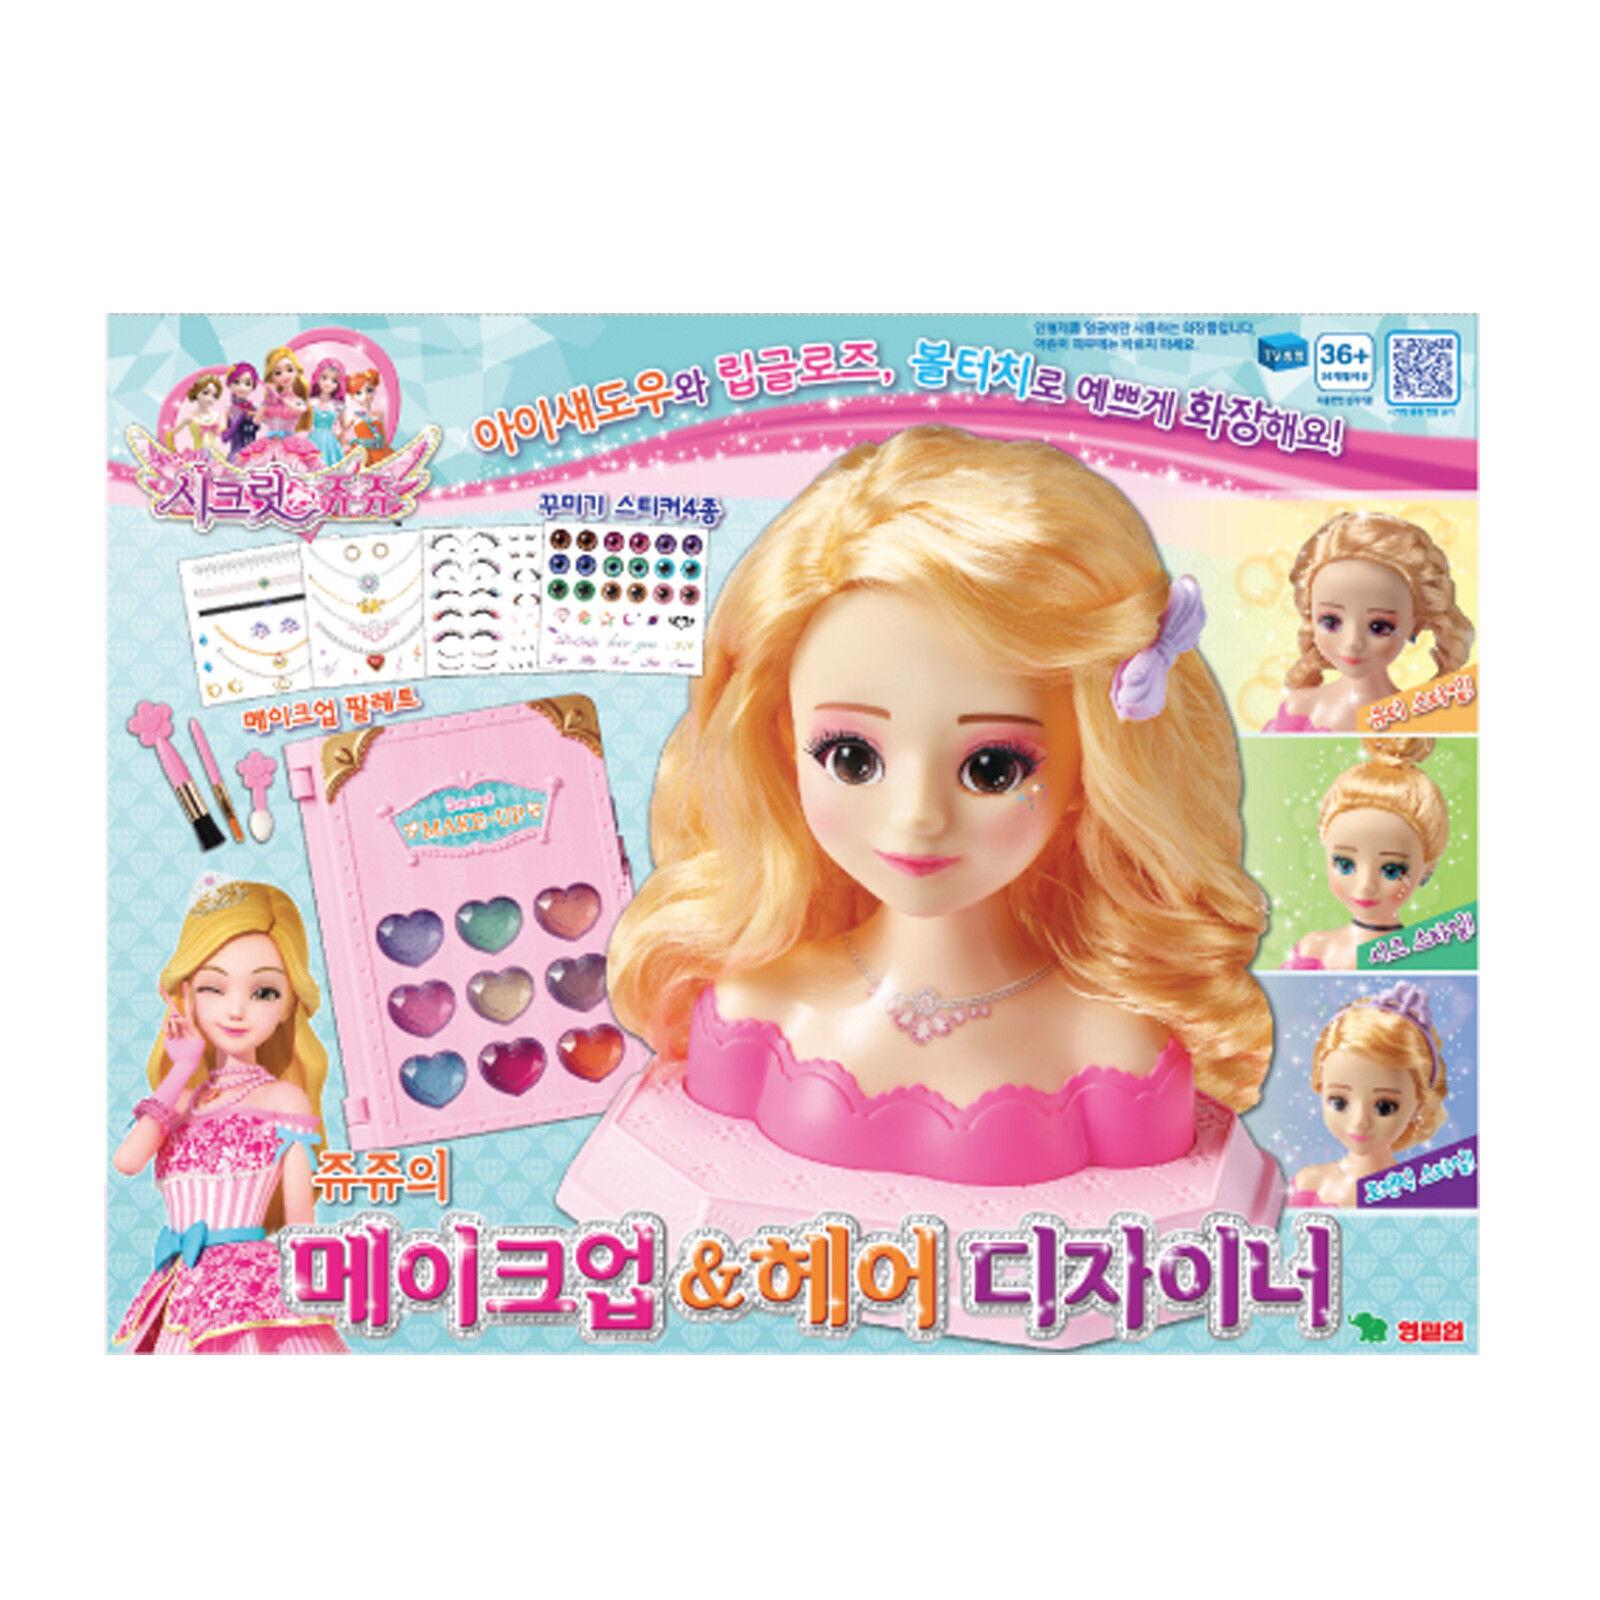 Secret Jouju Makeup and Hair Design Set